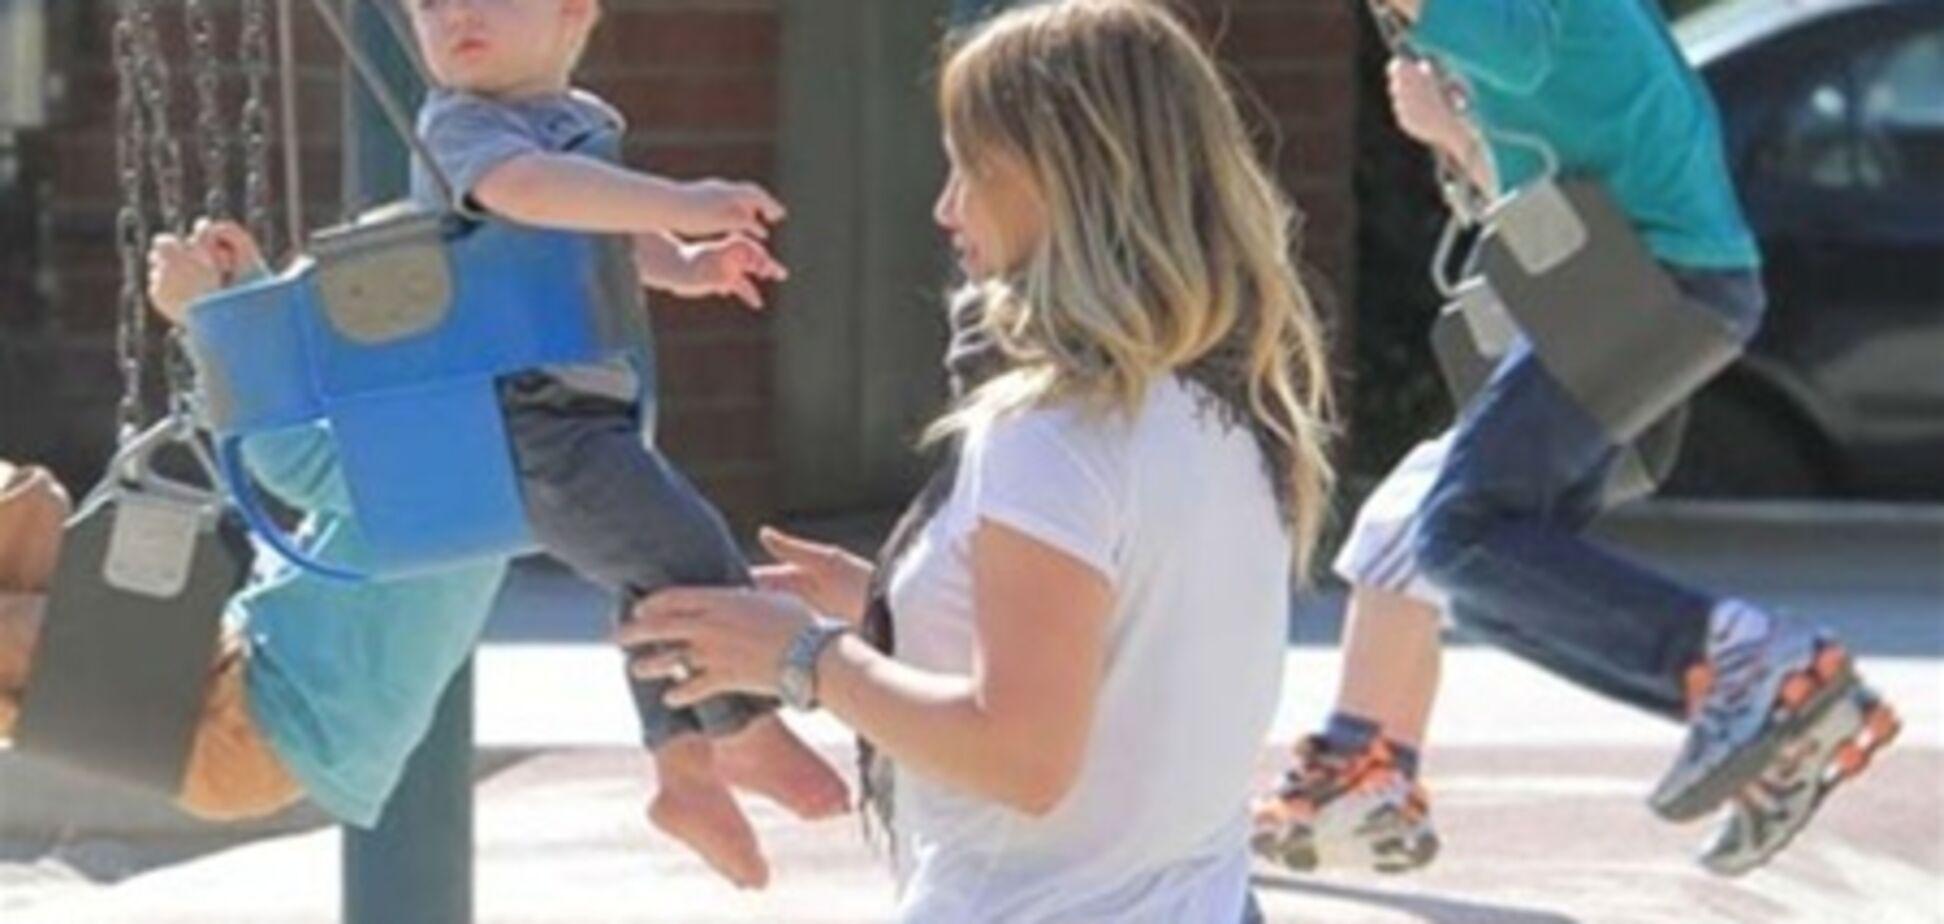 Хиллари Дафф веселится на детской площадке. Фото